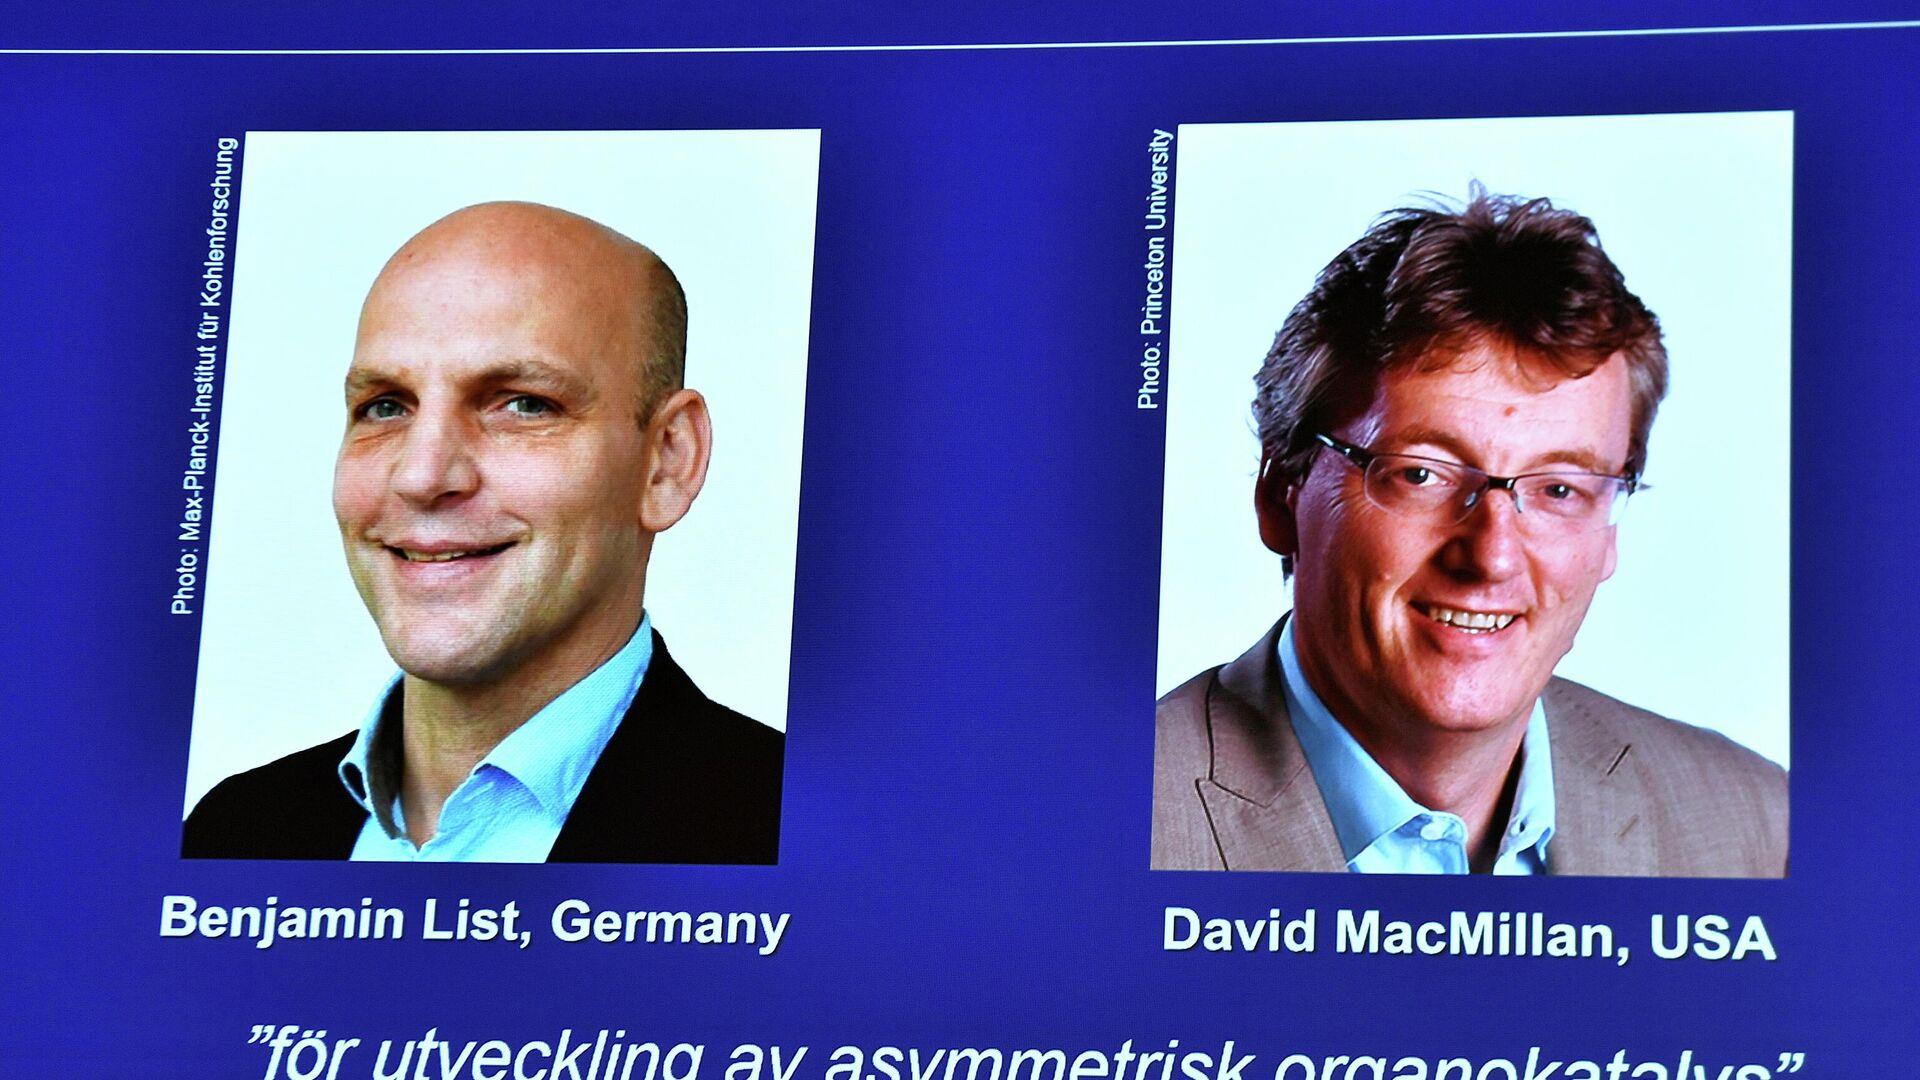 Нобелевская премия по химии за 2021 год присуждена Бенджамину Листу и Дэвиду Макмиллану - Sputnik Беларусь, 1920, 06.10.2021